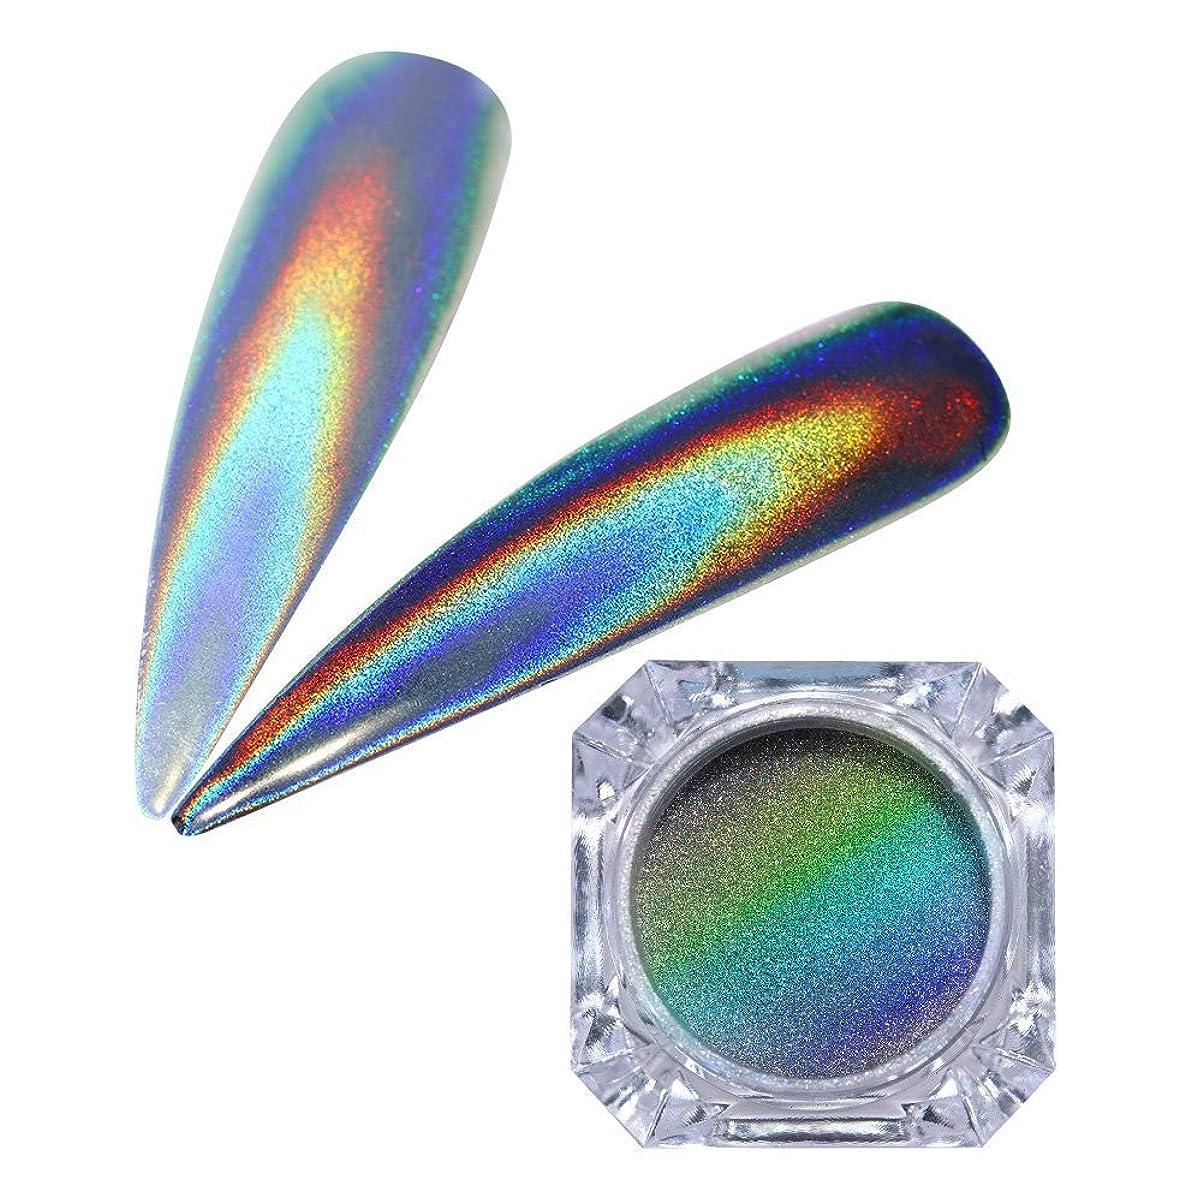 認証デモンストレーション意気込みBorn Pretty 1グラム 粉末ネイルグリッター虹色素マニキュアクロム顔料 ホログラフィック